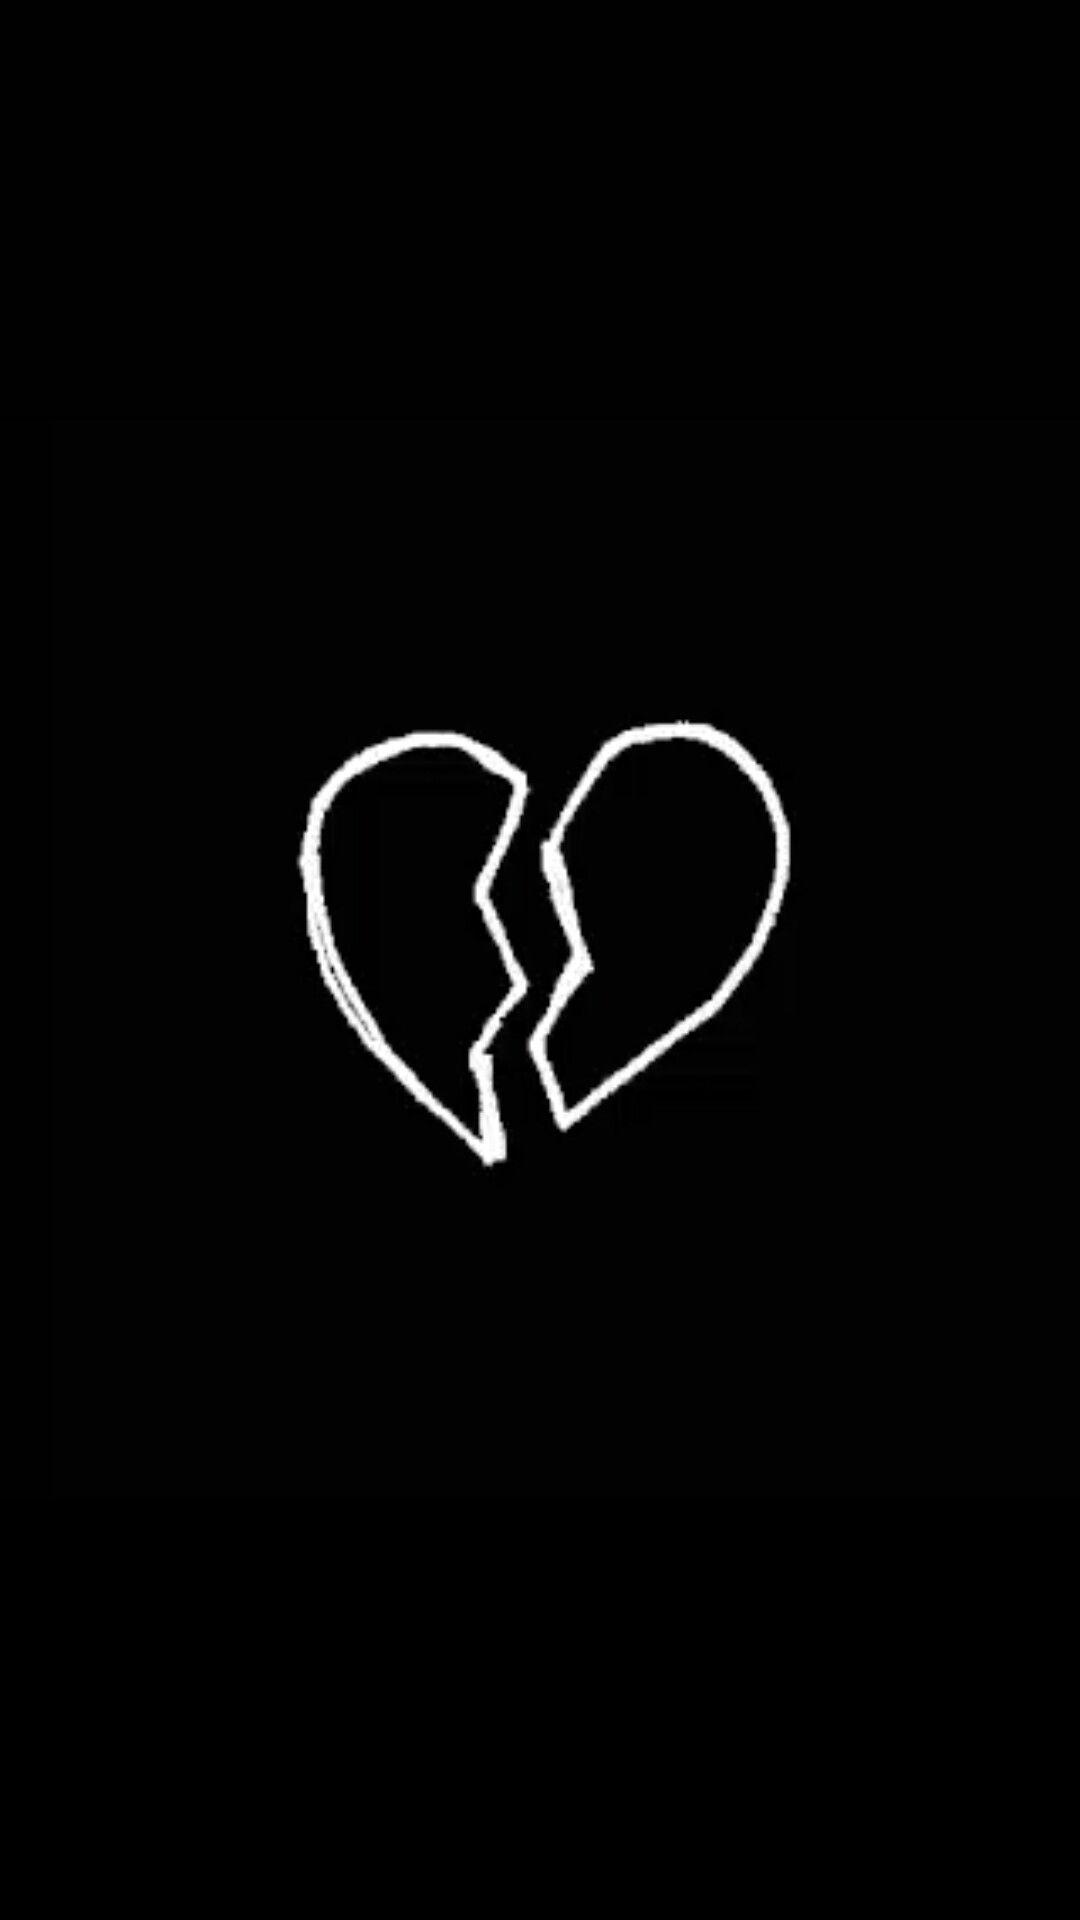 Meu coração #Brasil | hal9 | Pinterest | Fondo de pantalla de ...